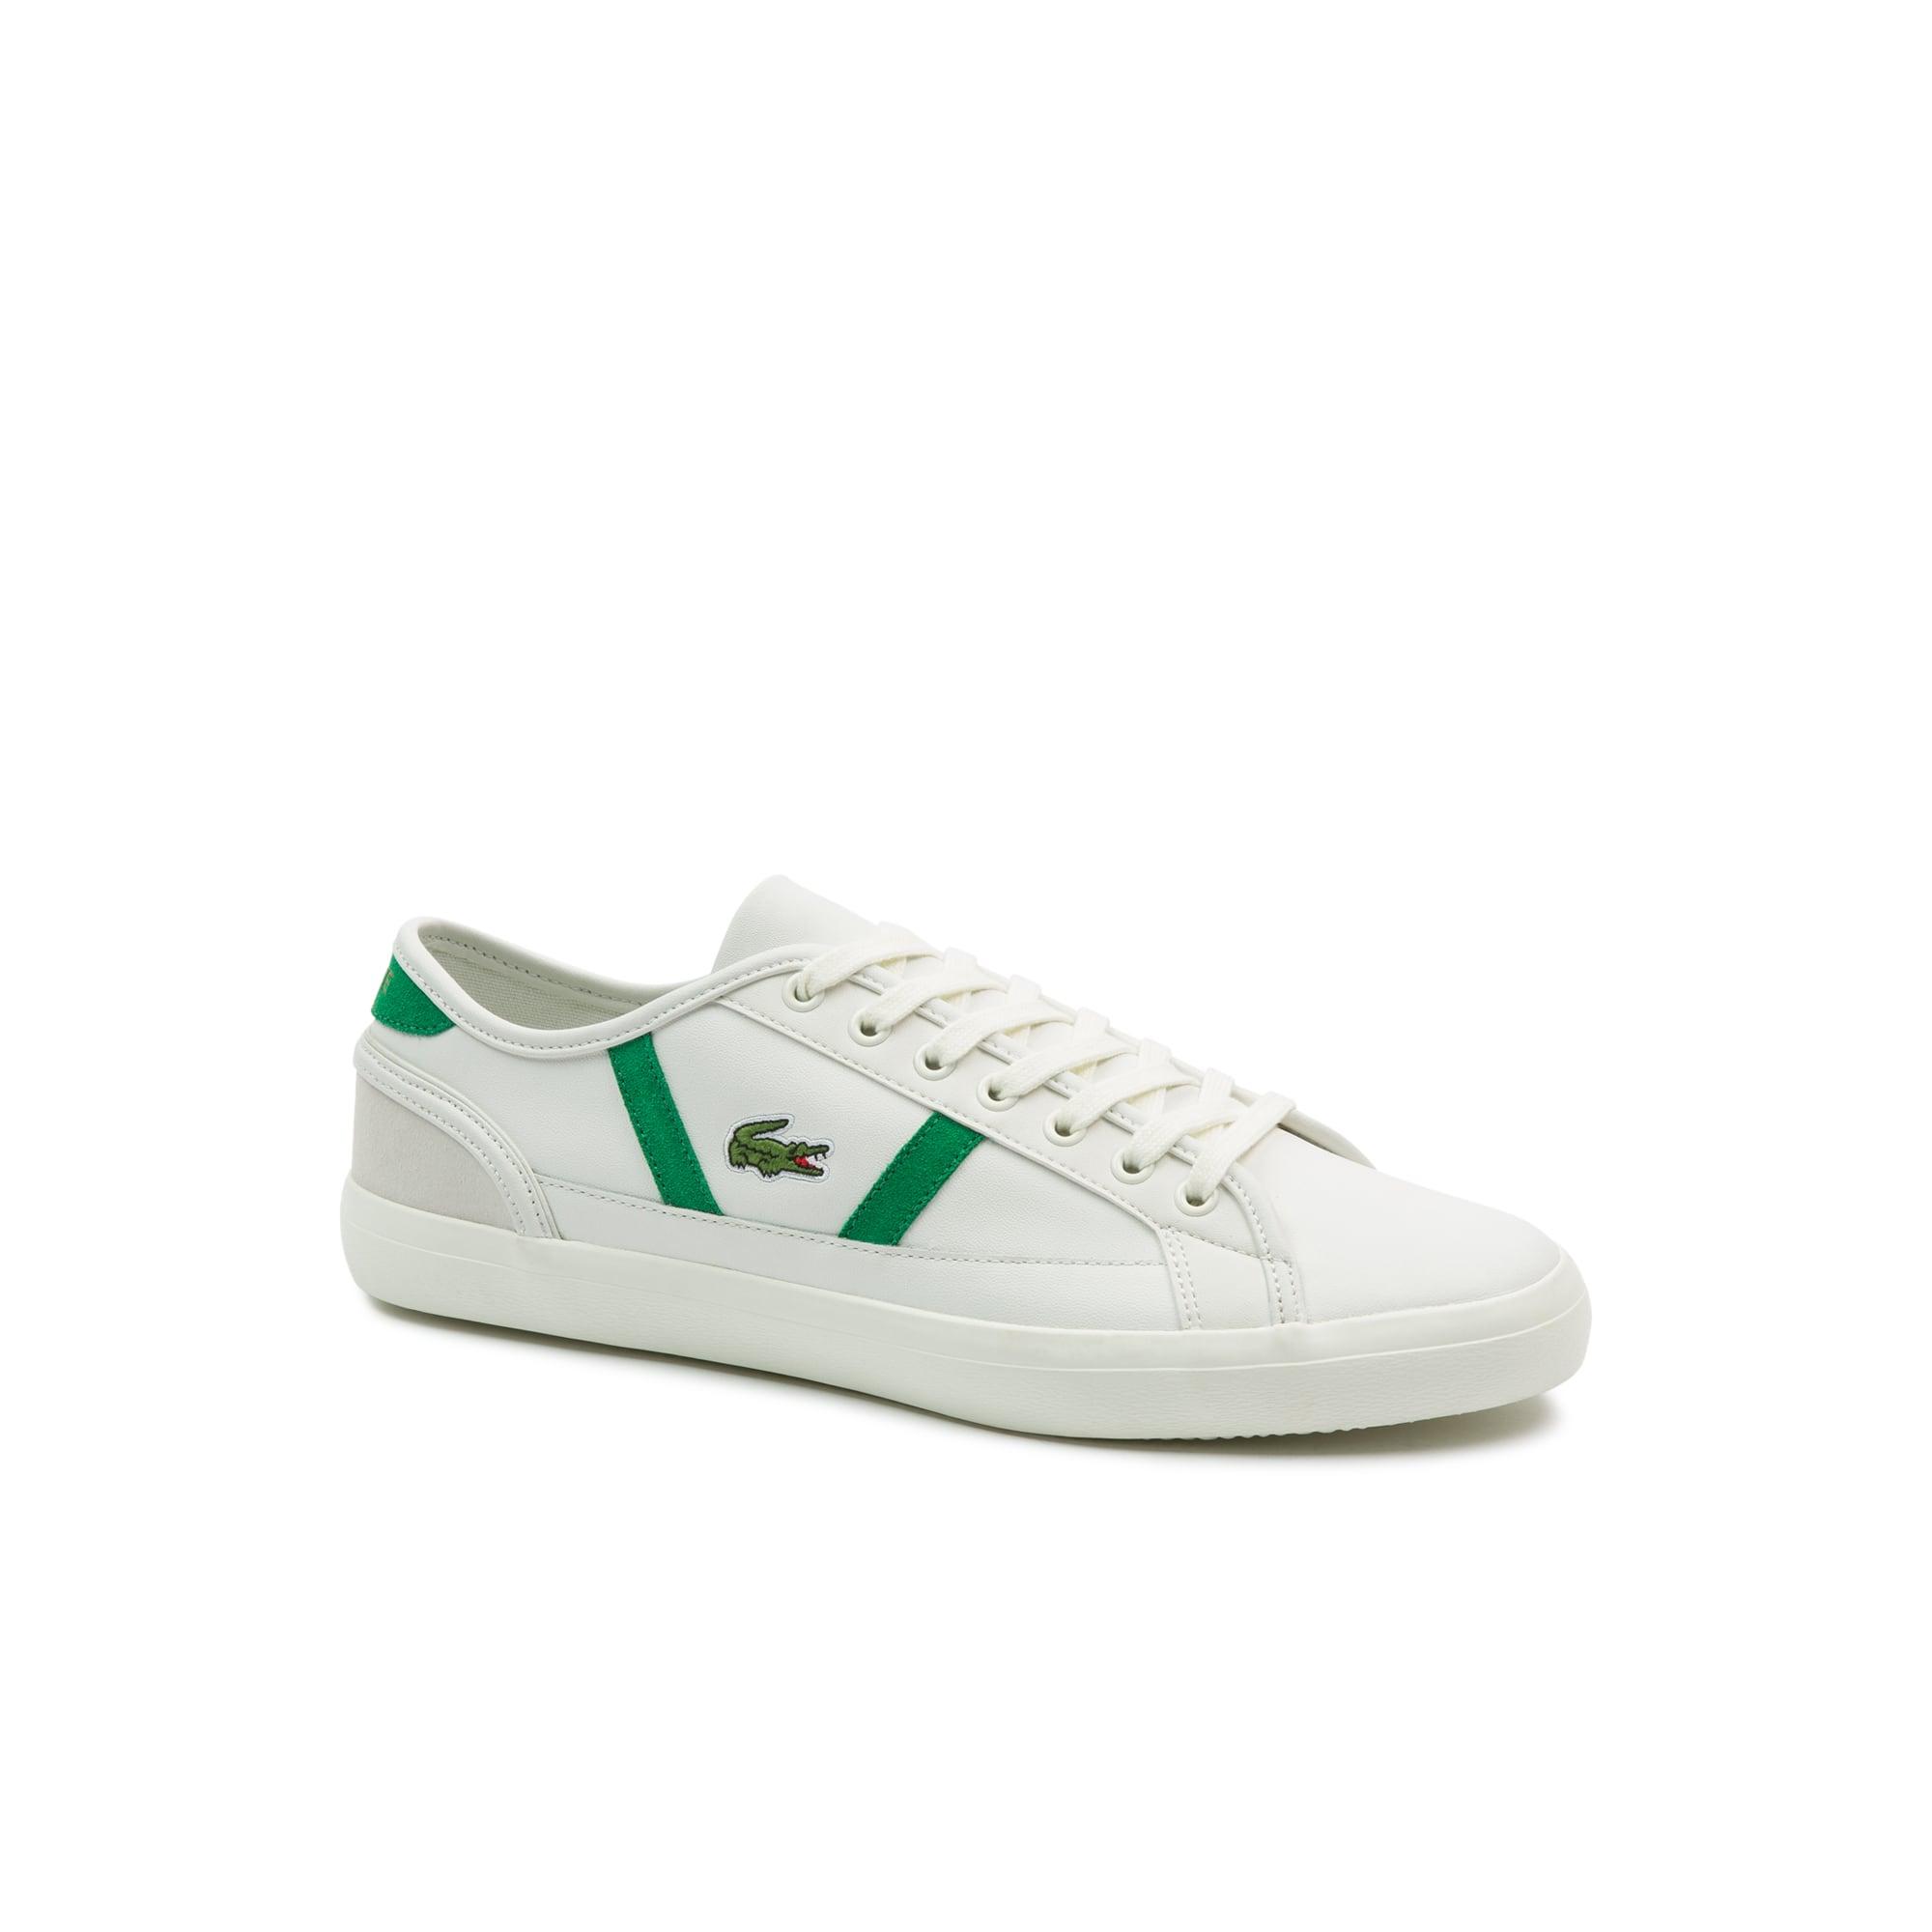 Shoes Lacoste Men's For Shoes Men's Lacoste For Men Men Men's Shoes dq4XHw